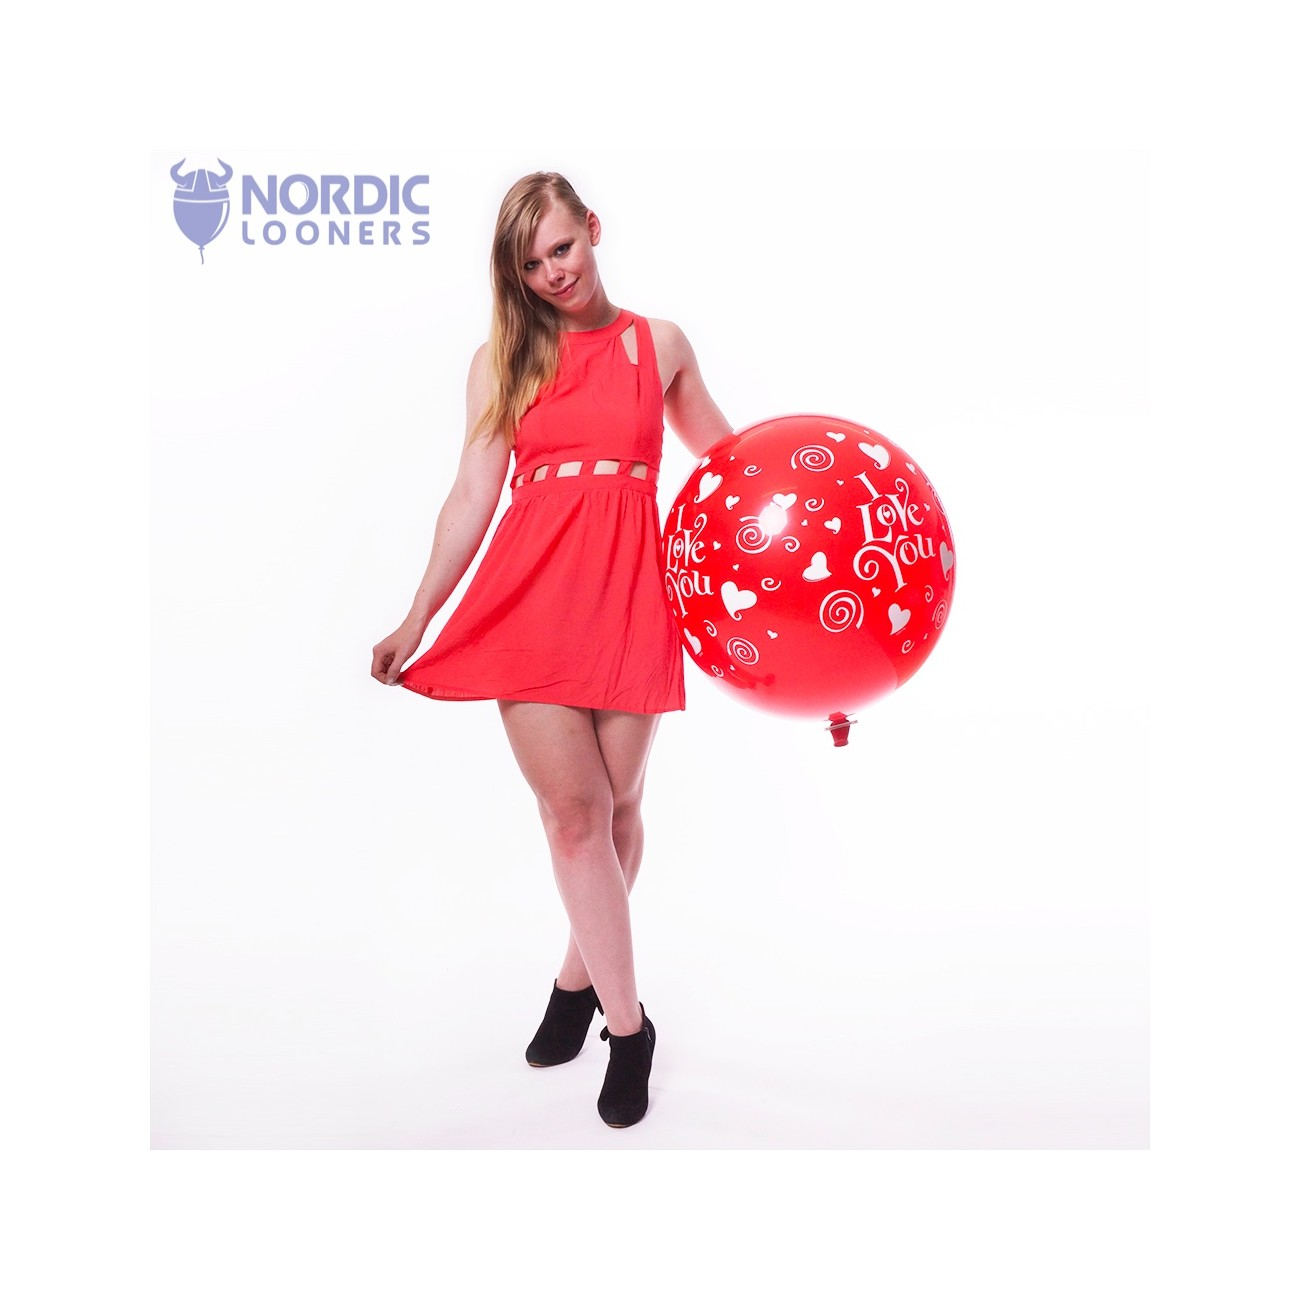 """Qualatex 36\\"""" I love you ruby red #28188 47,76 DKK Nordic Looners"""